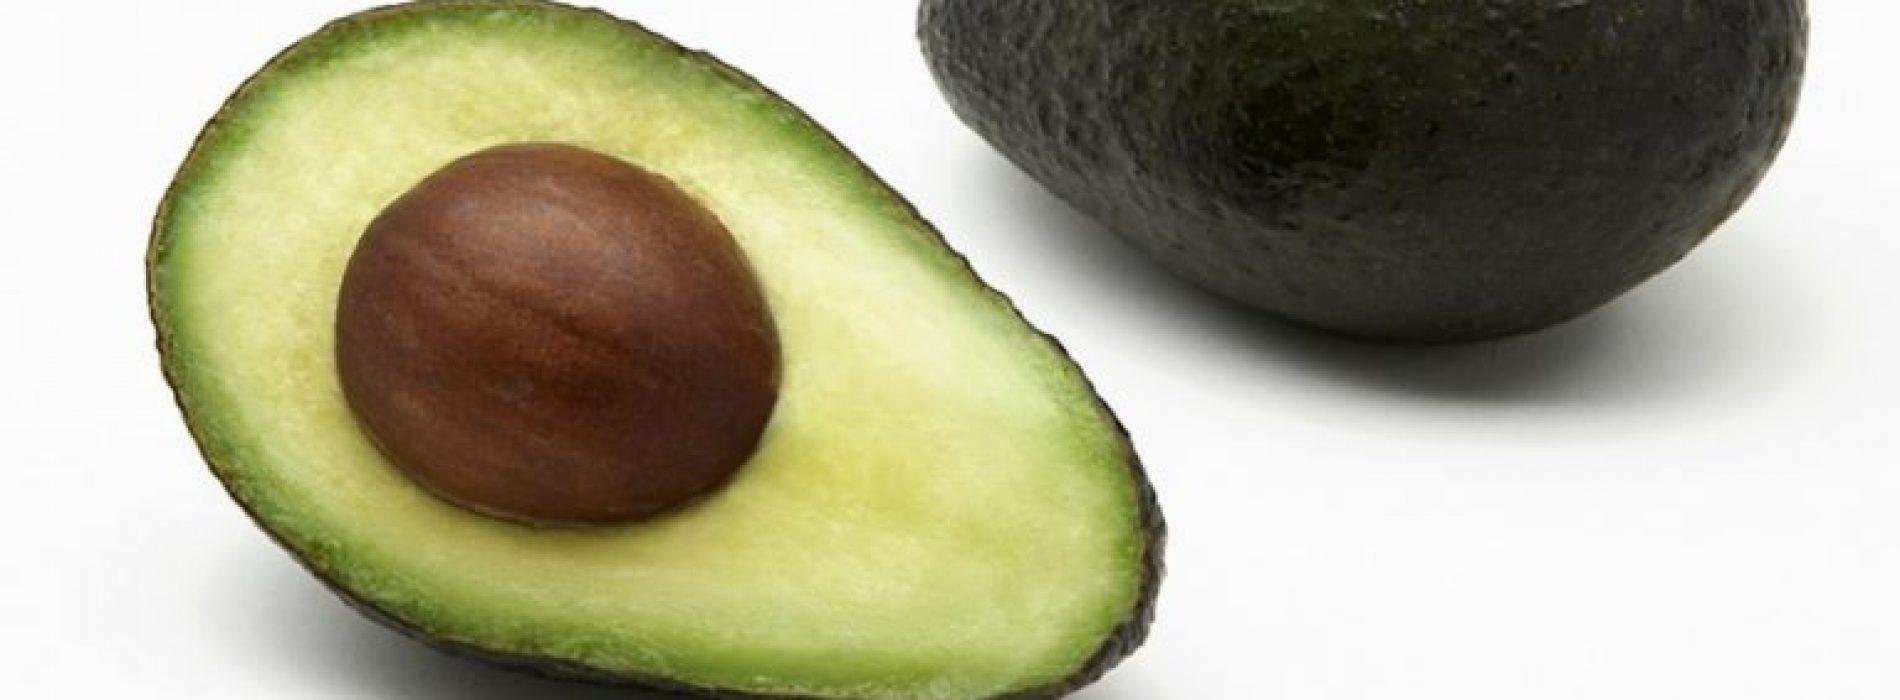 De vraag naar avocado's groeit als een gek.. Maar dit heeft wel een ENORM nadeel..